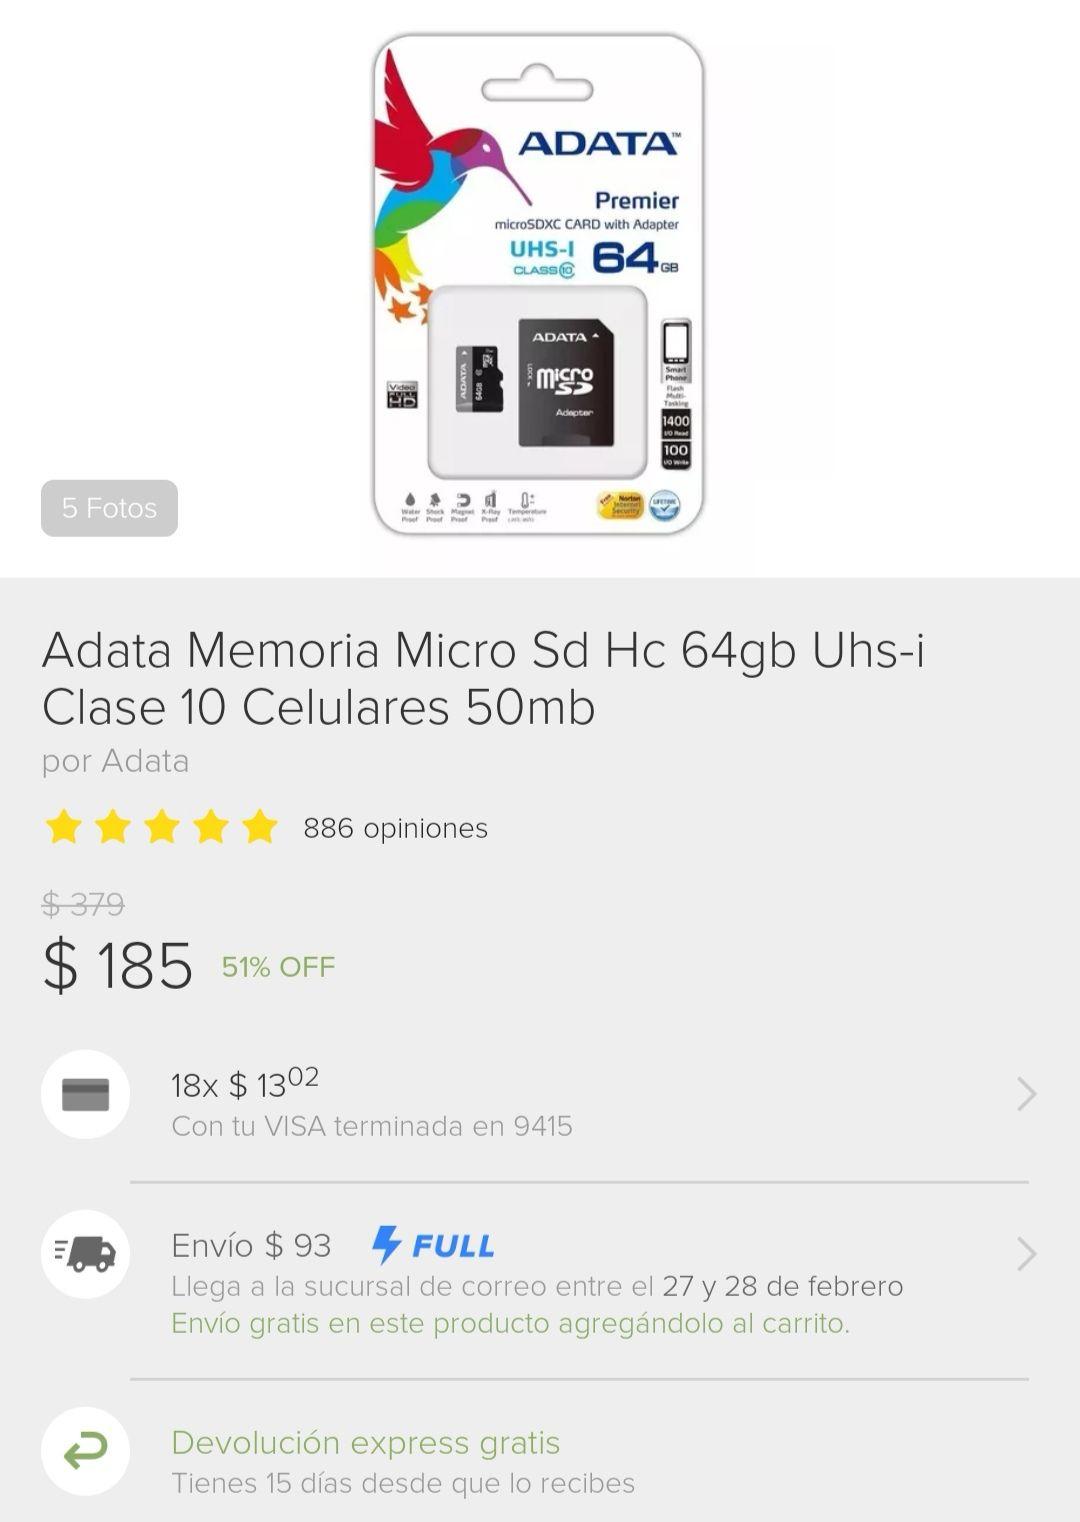 Tienda oficial Adata en Mercado Libre: Memoria Micro SD 64Gb U1 (+93 pesos de envío)